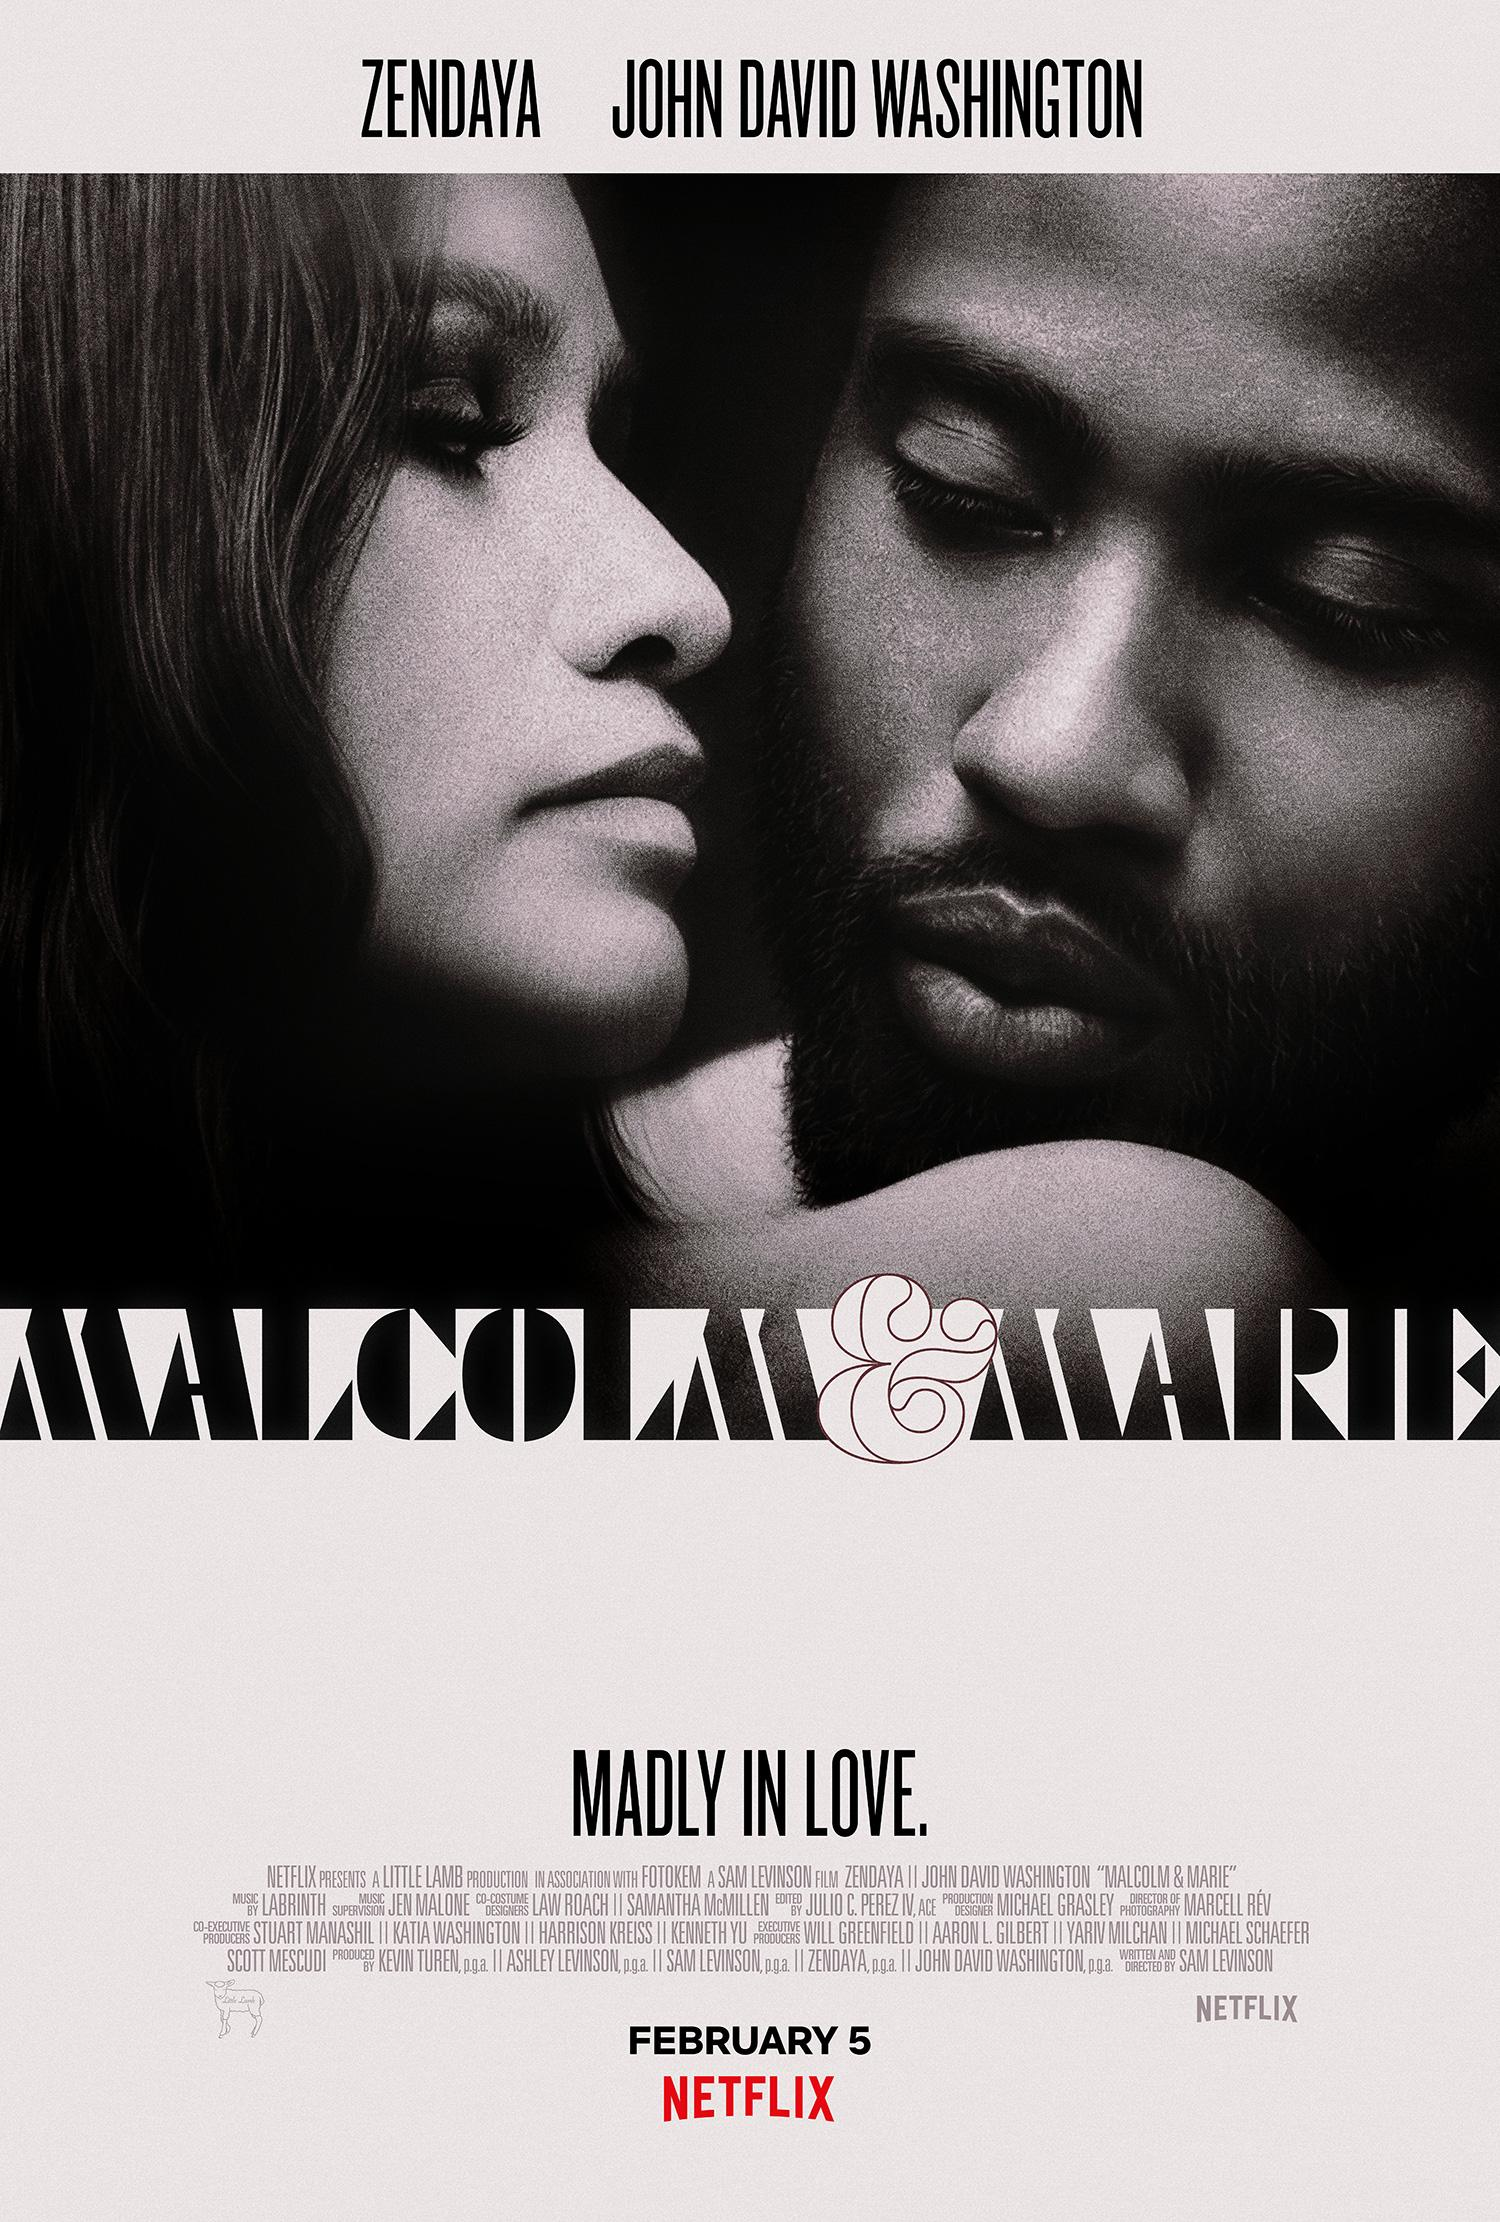 Malcolm és Marie (Malcolm & Marie)